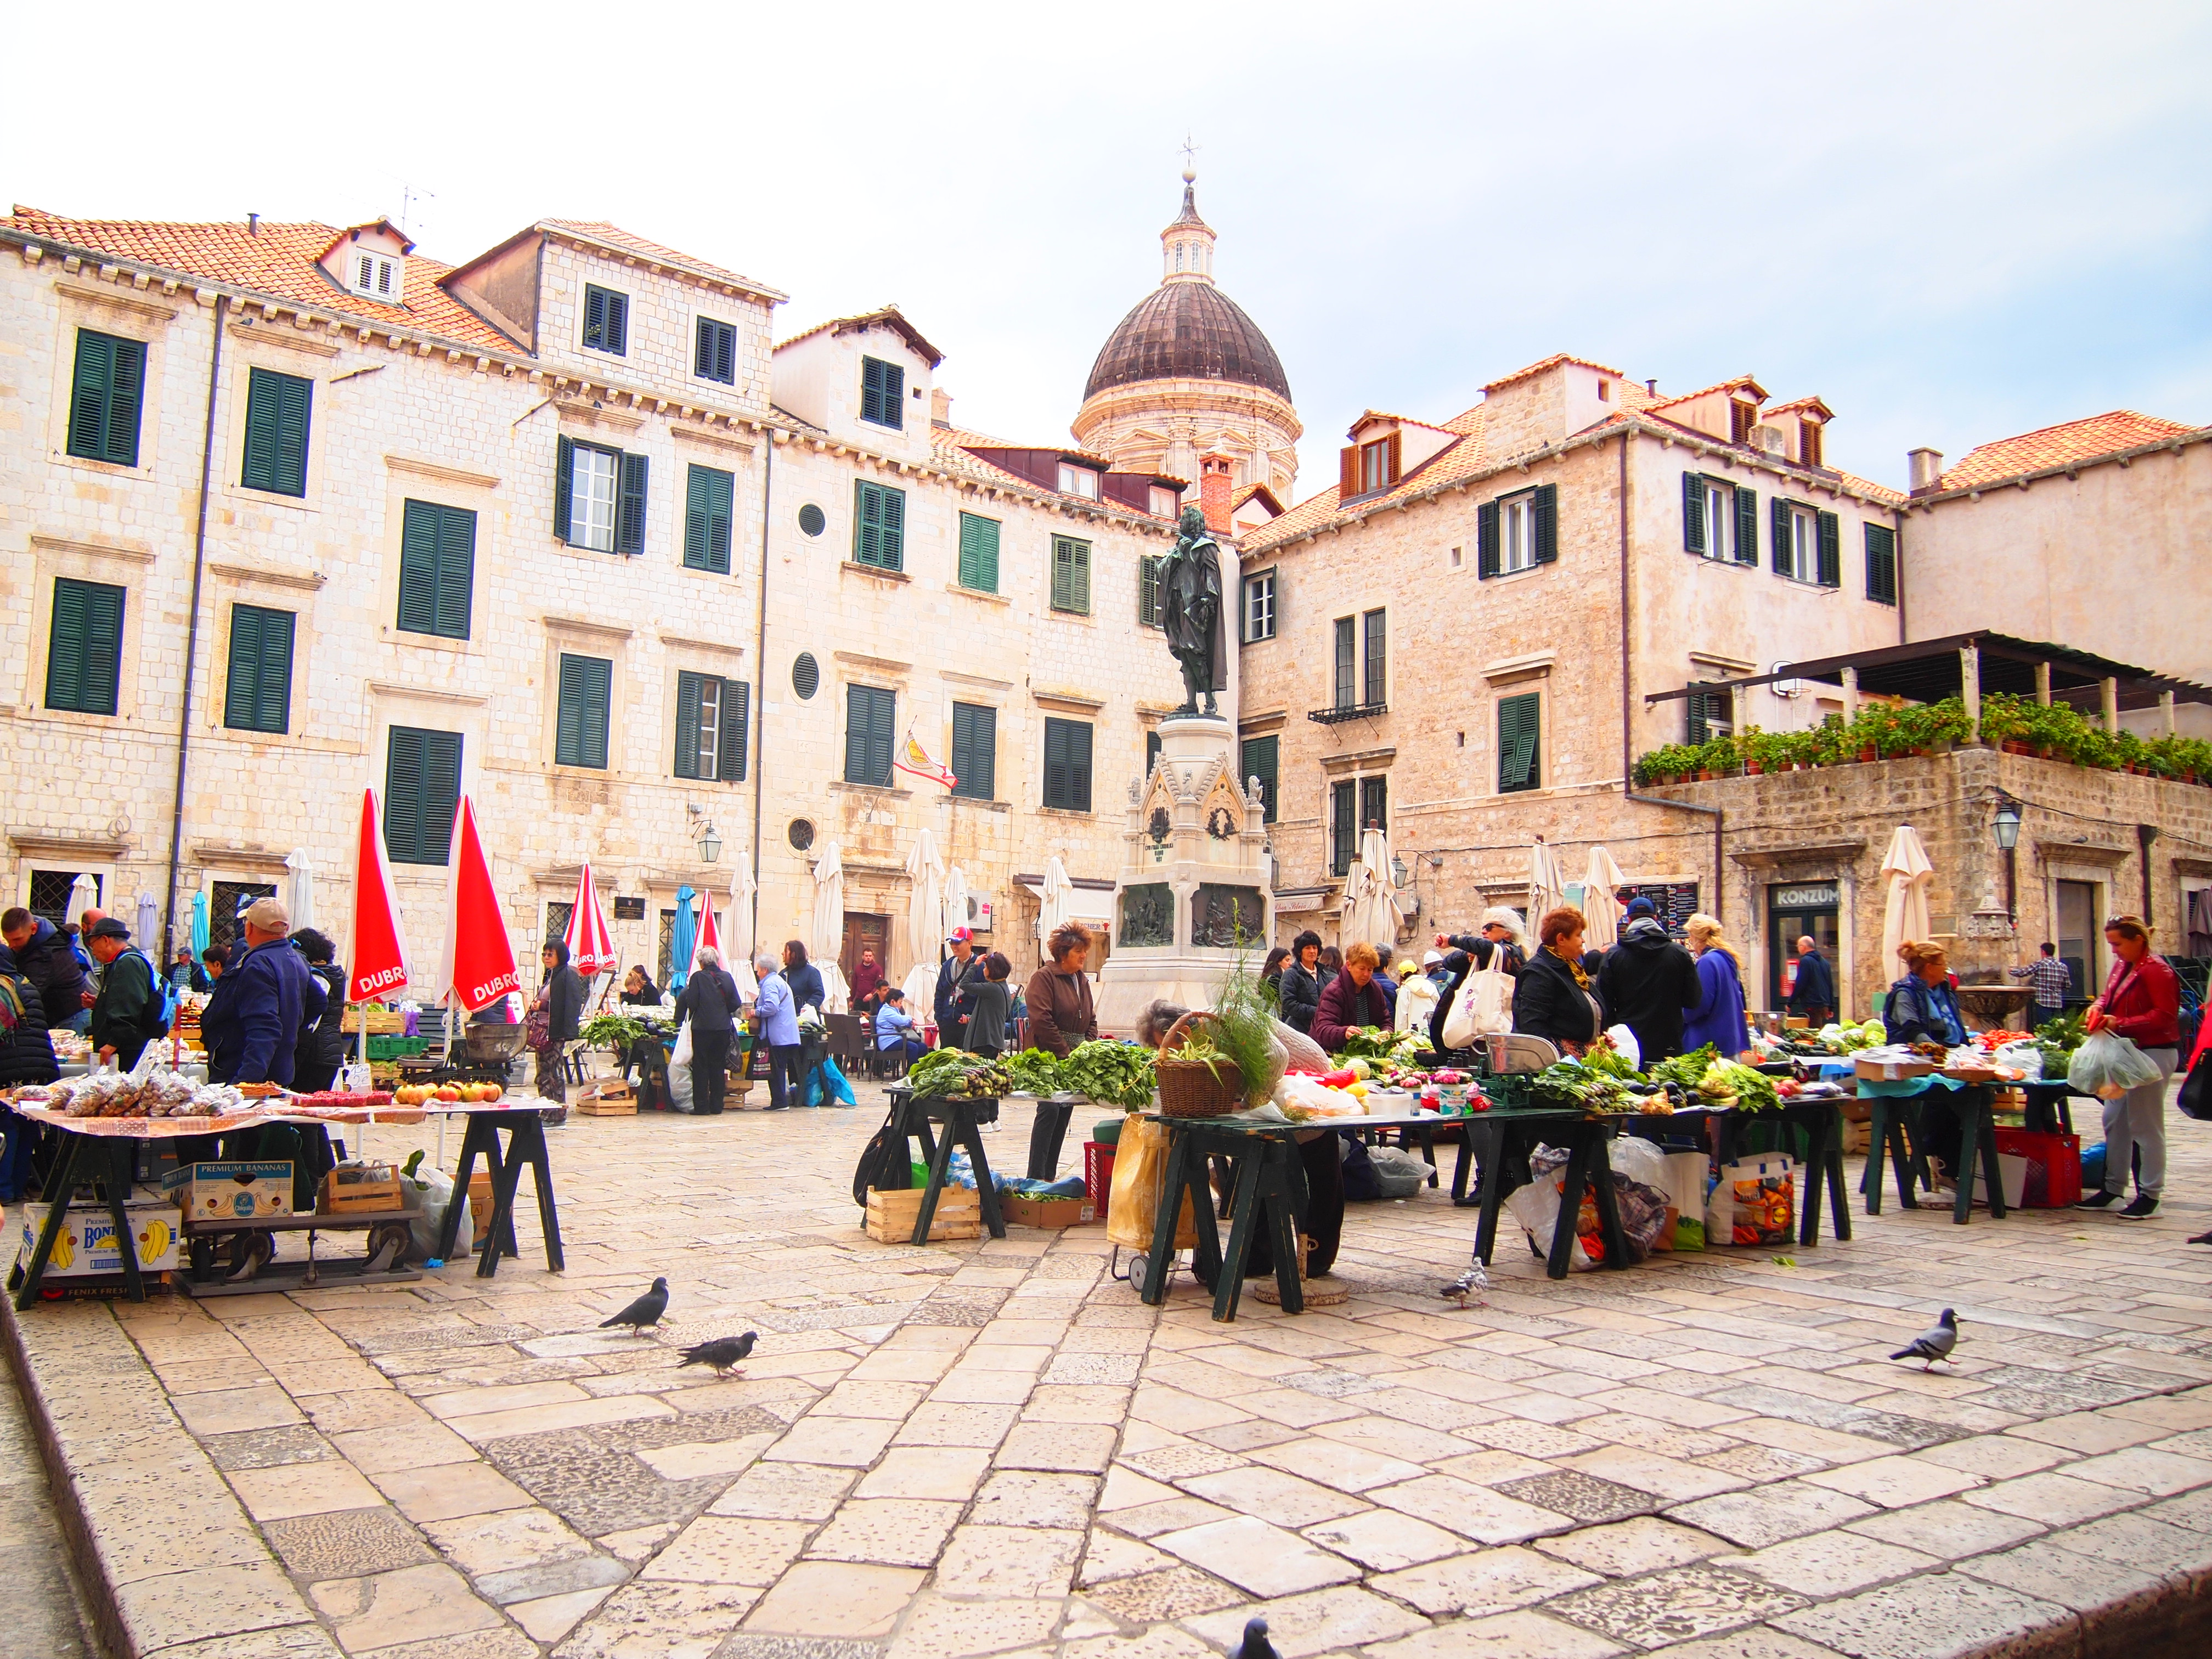 世界一周 ブログ クロアチア ドブロブニク 観光